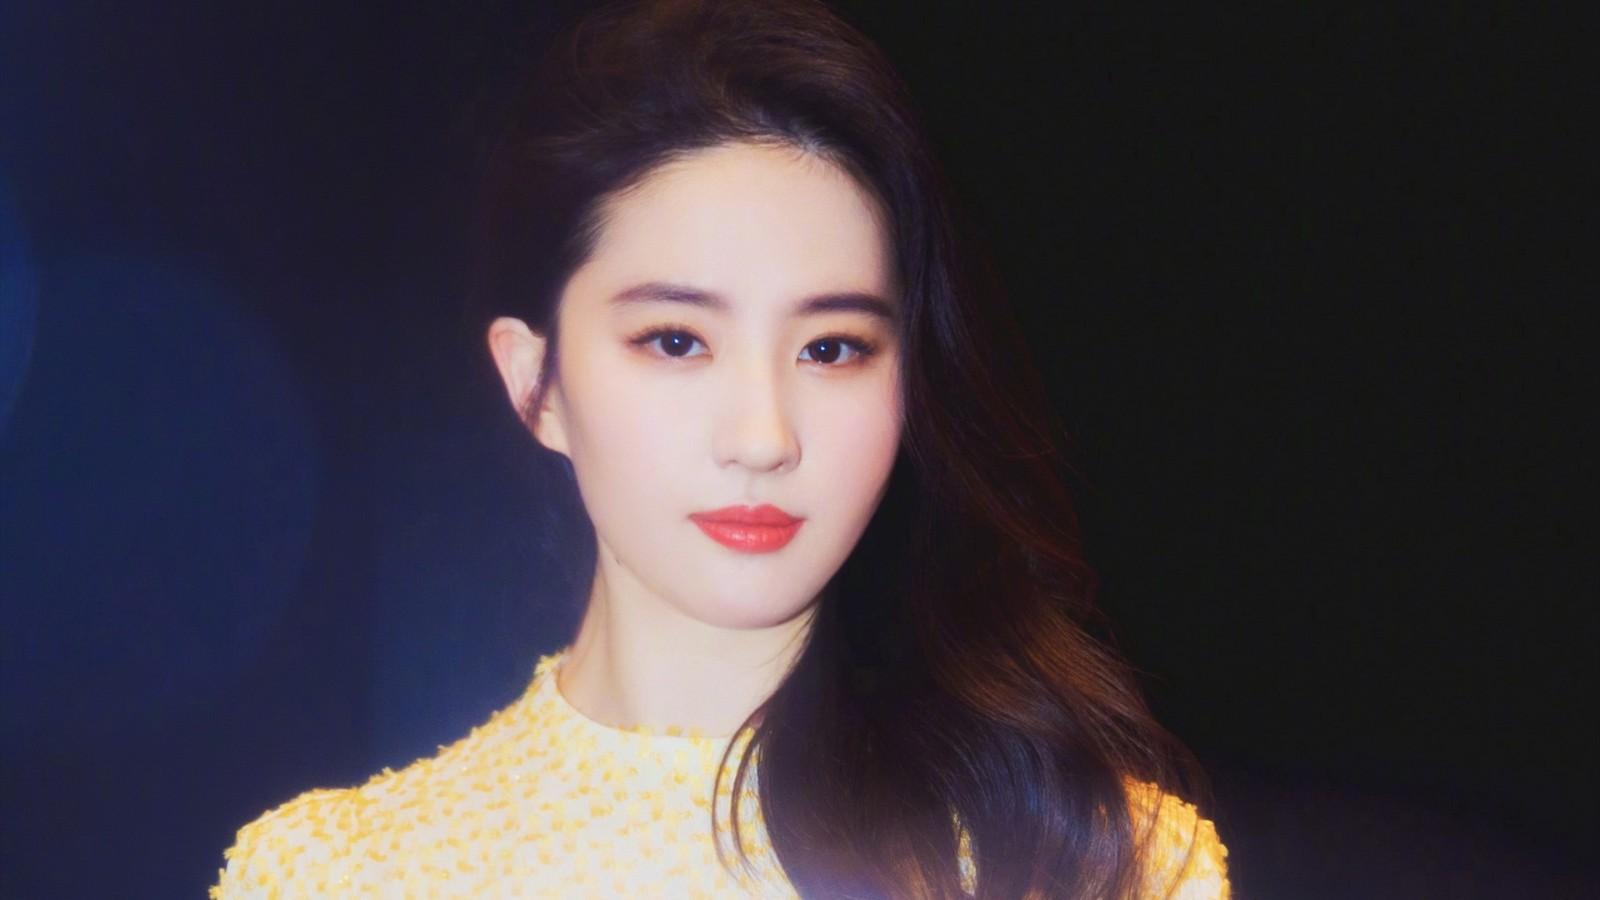 刘亦菲精致脸庞桌面壁纸